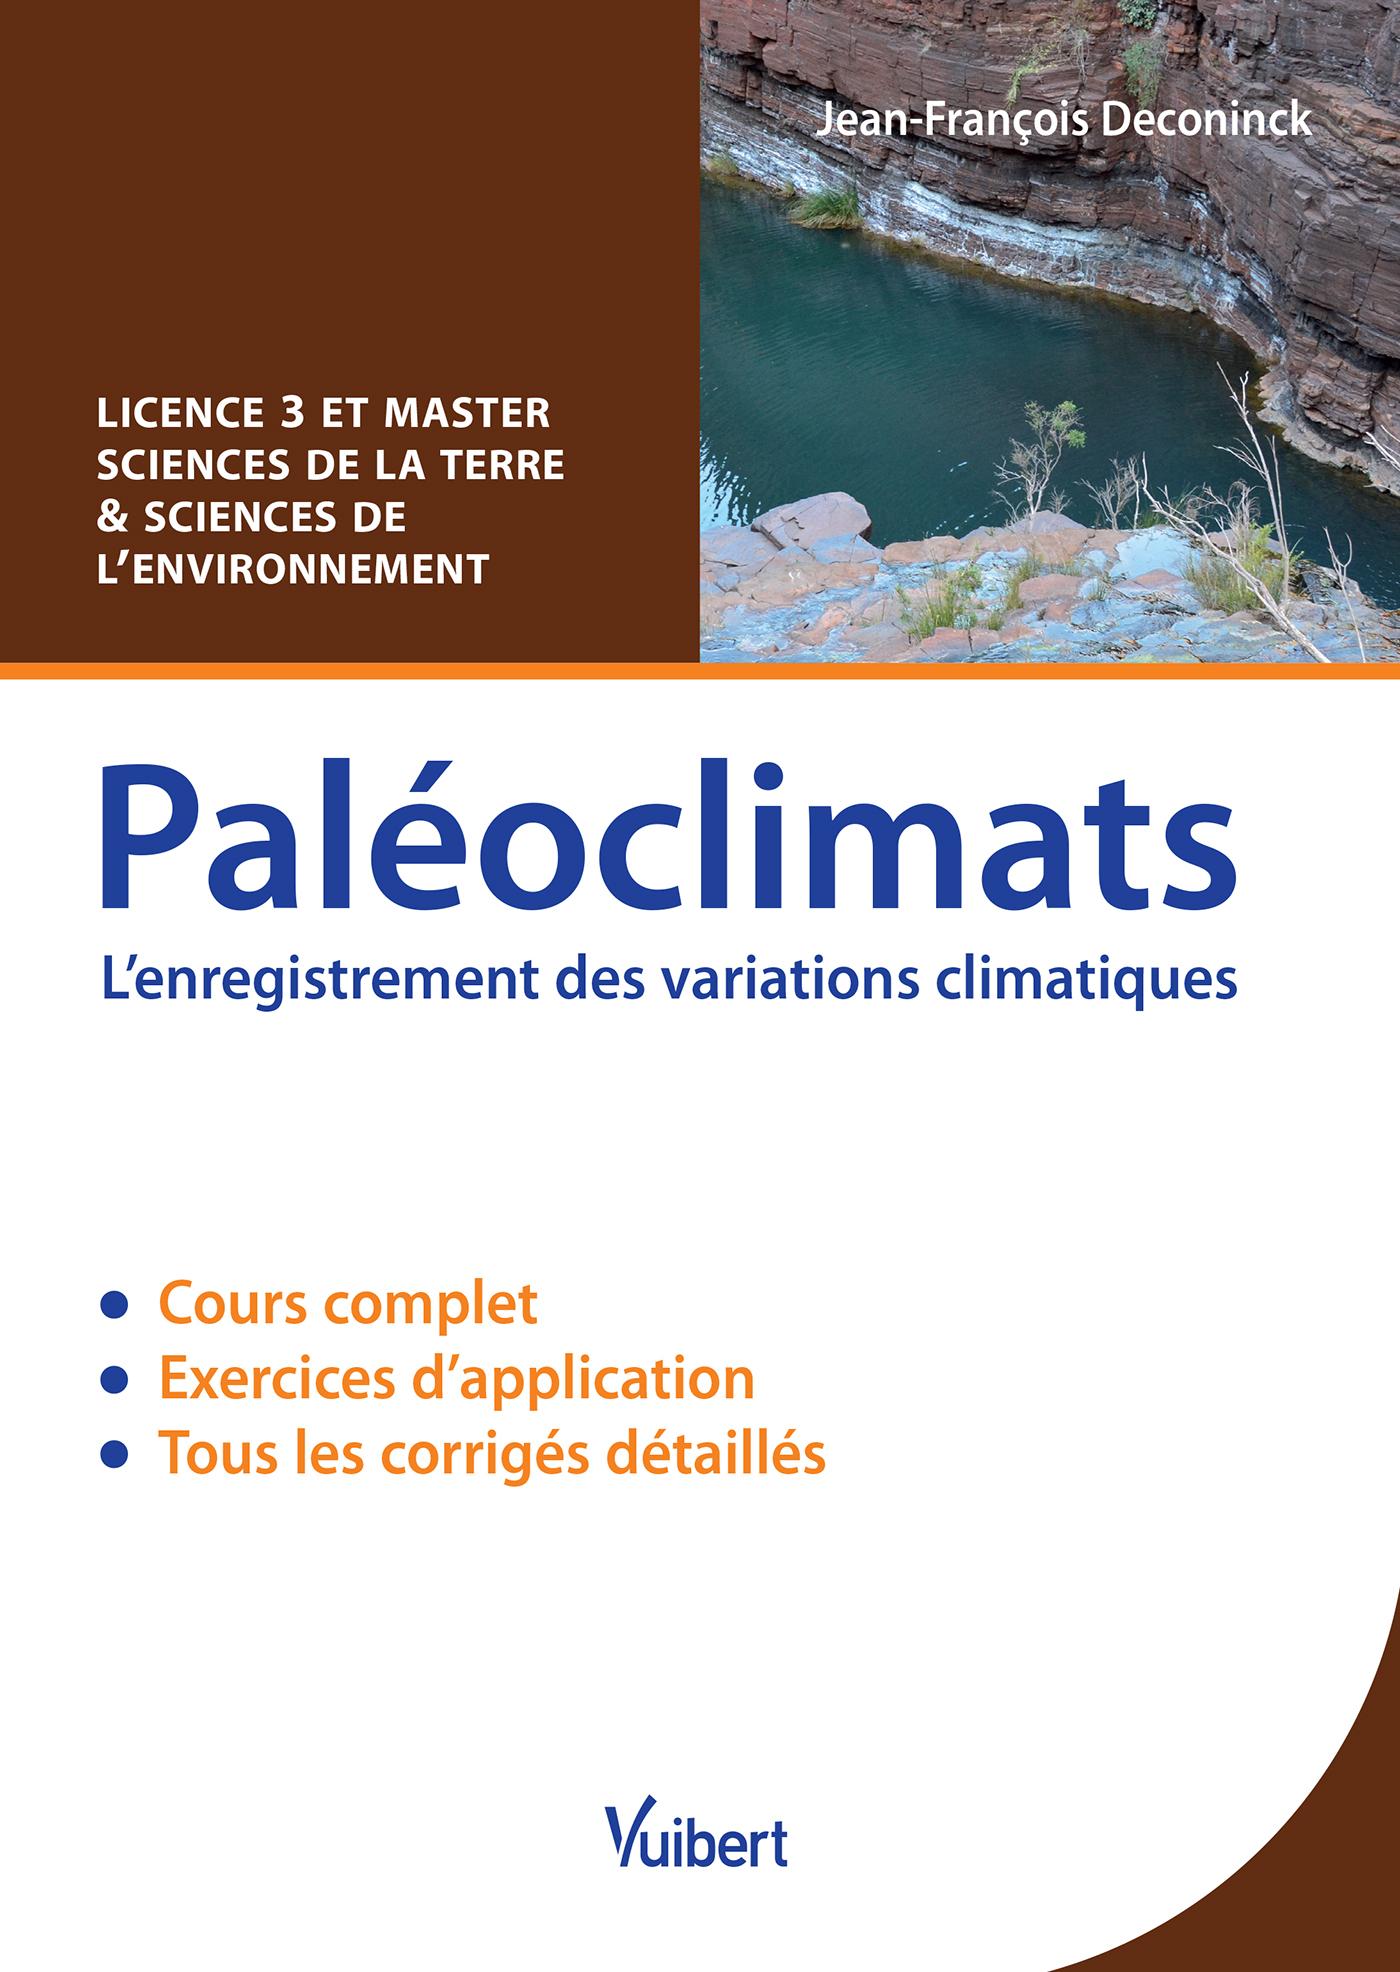 PALEOCLIMATS